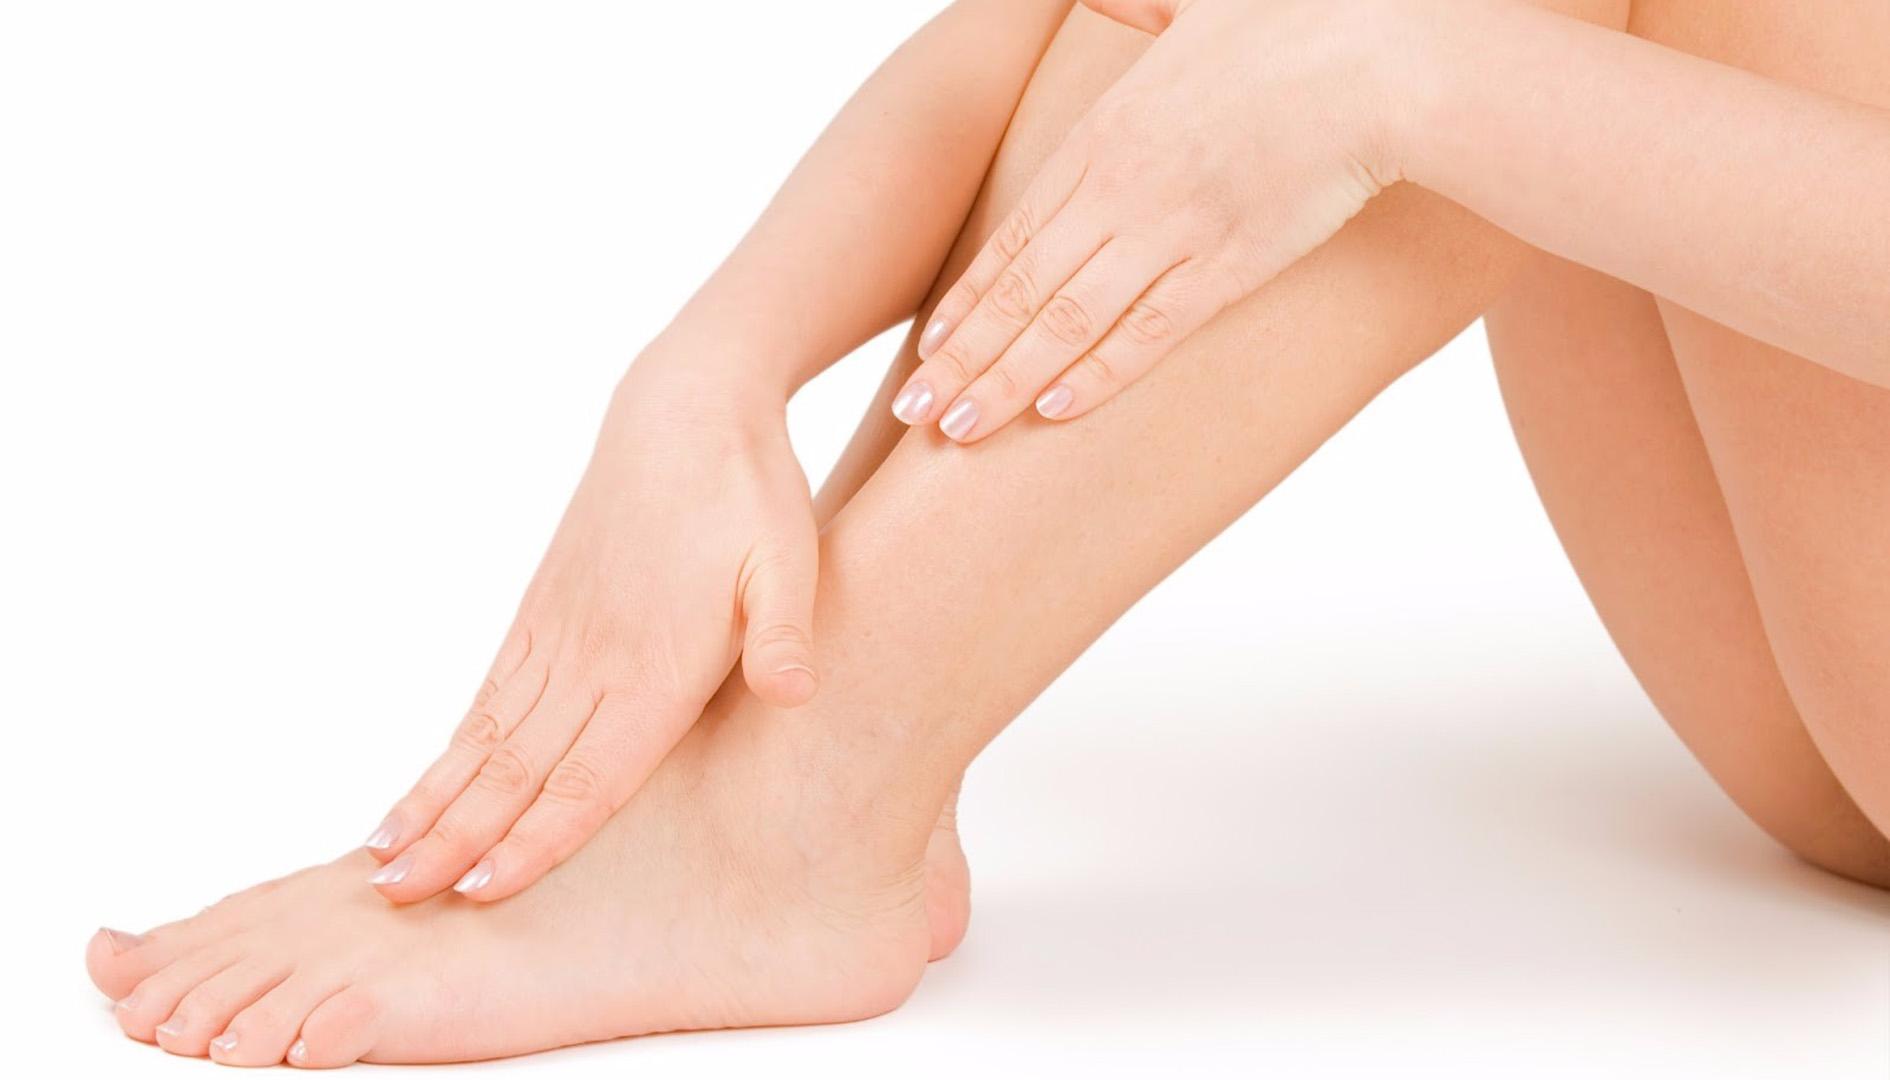 cum se reduce în mod natural edemul la picioare